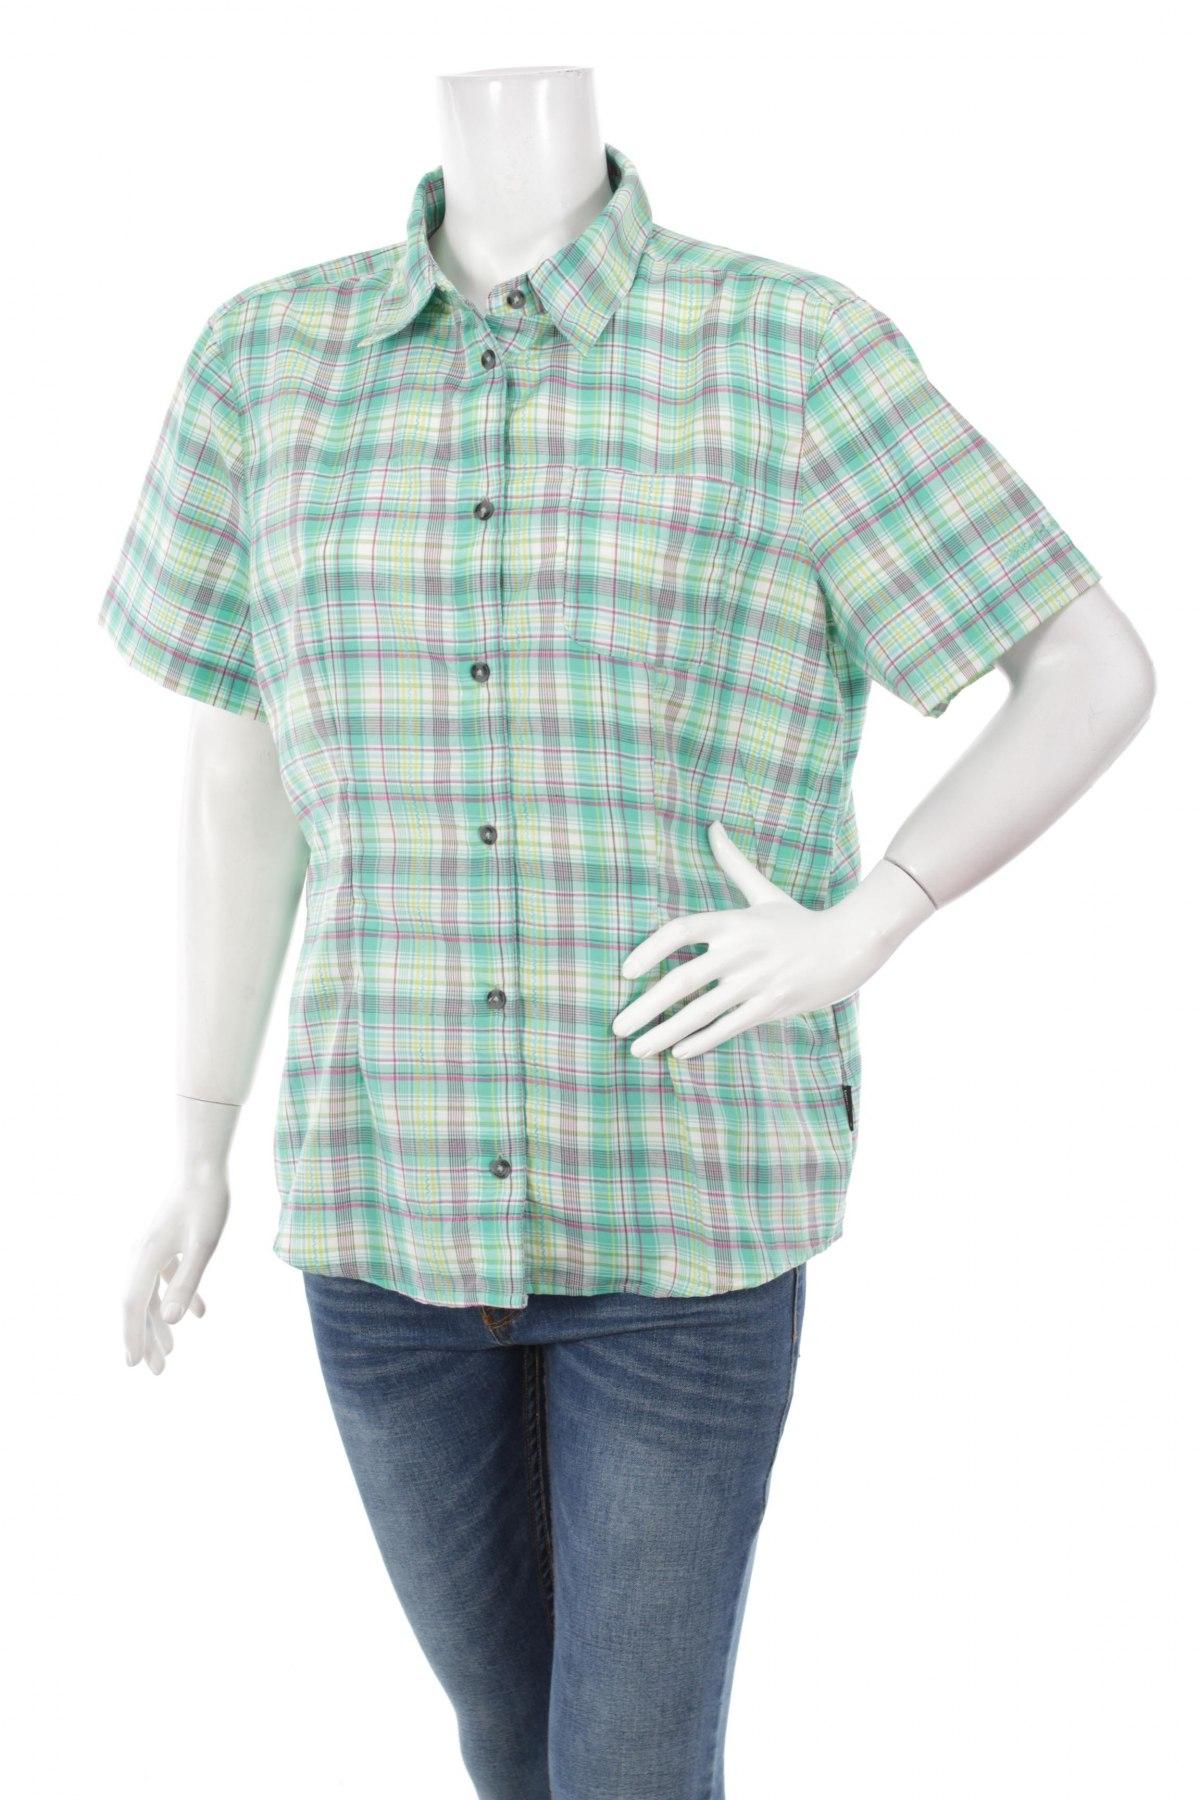 Γυναικείο πουκάμισο Moorhead